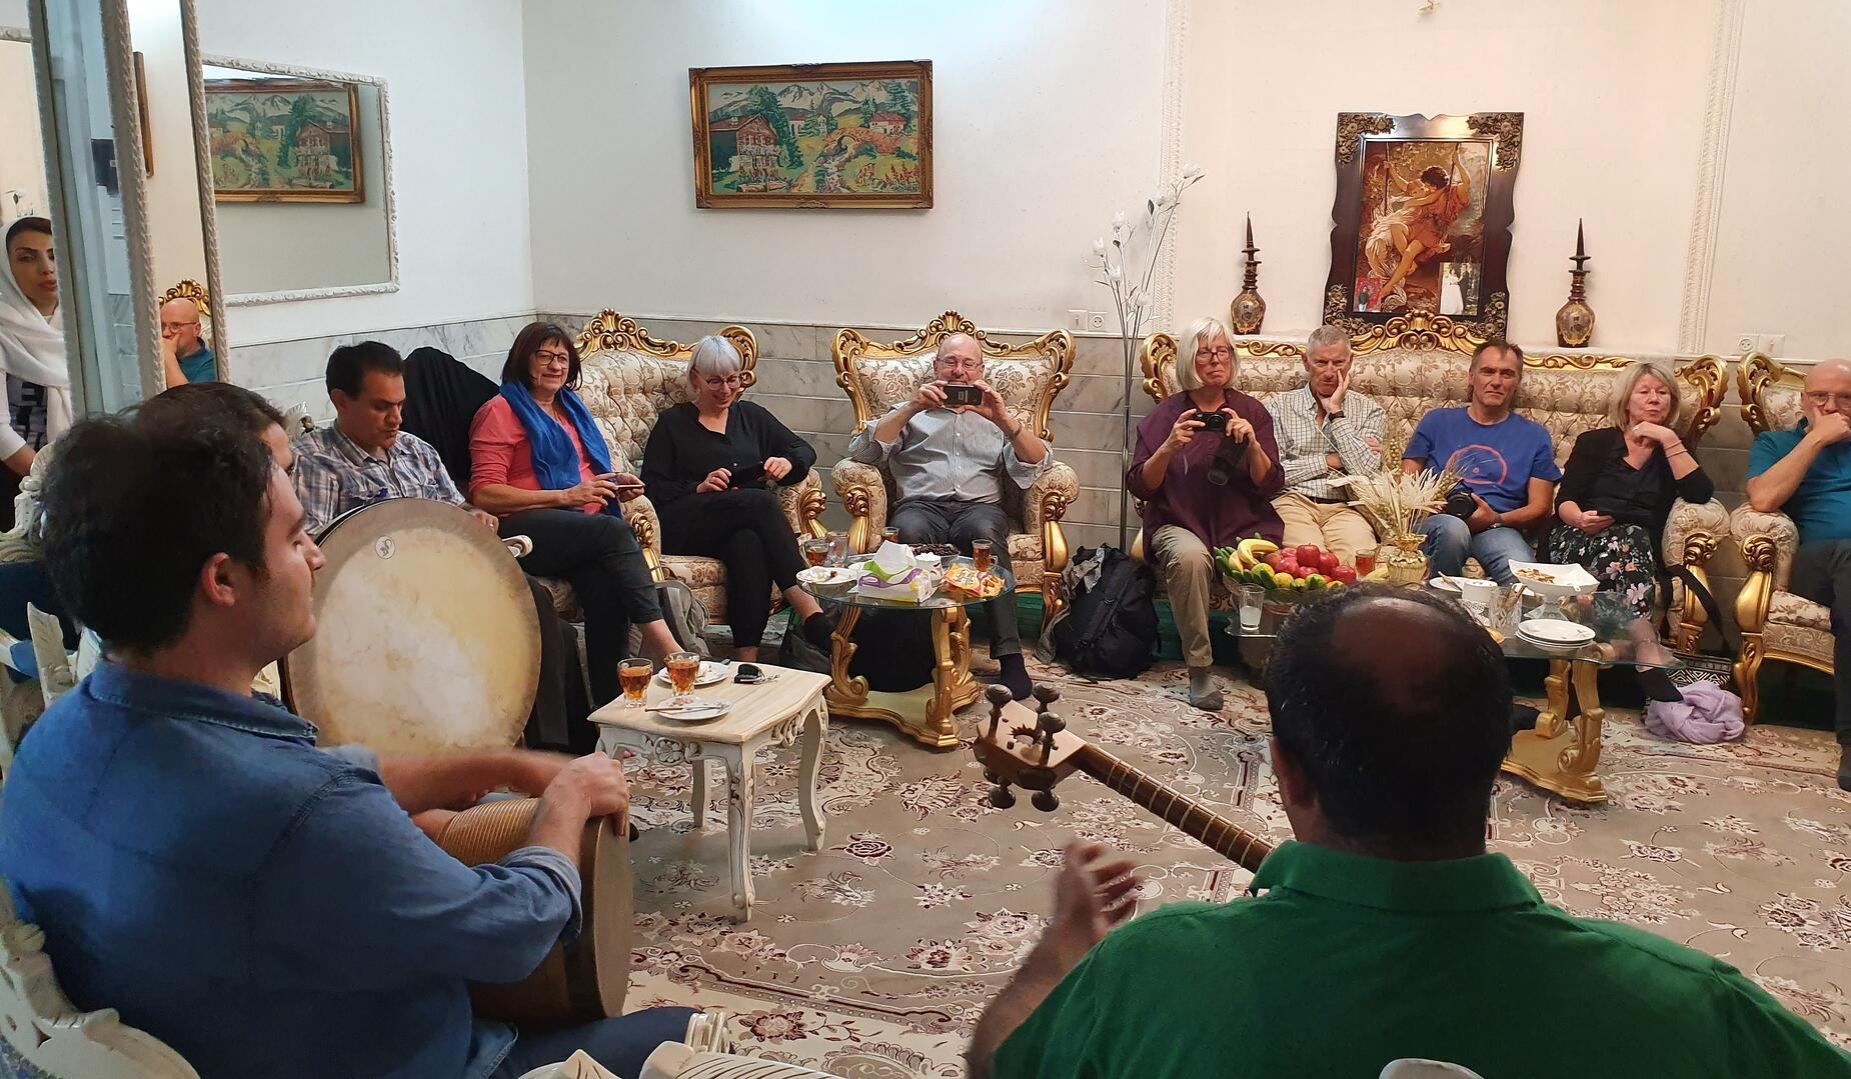 Zu Besuch bei einer iranischen Gastfamilie